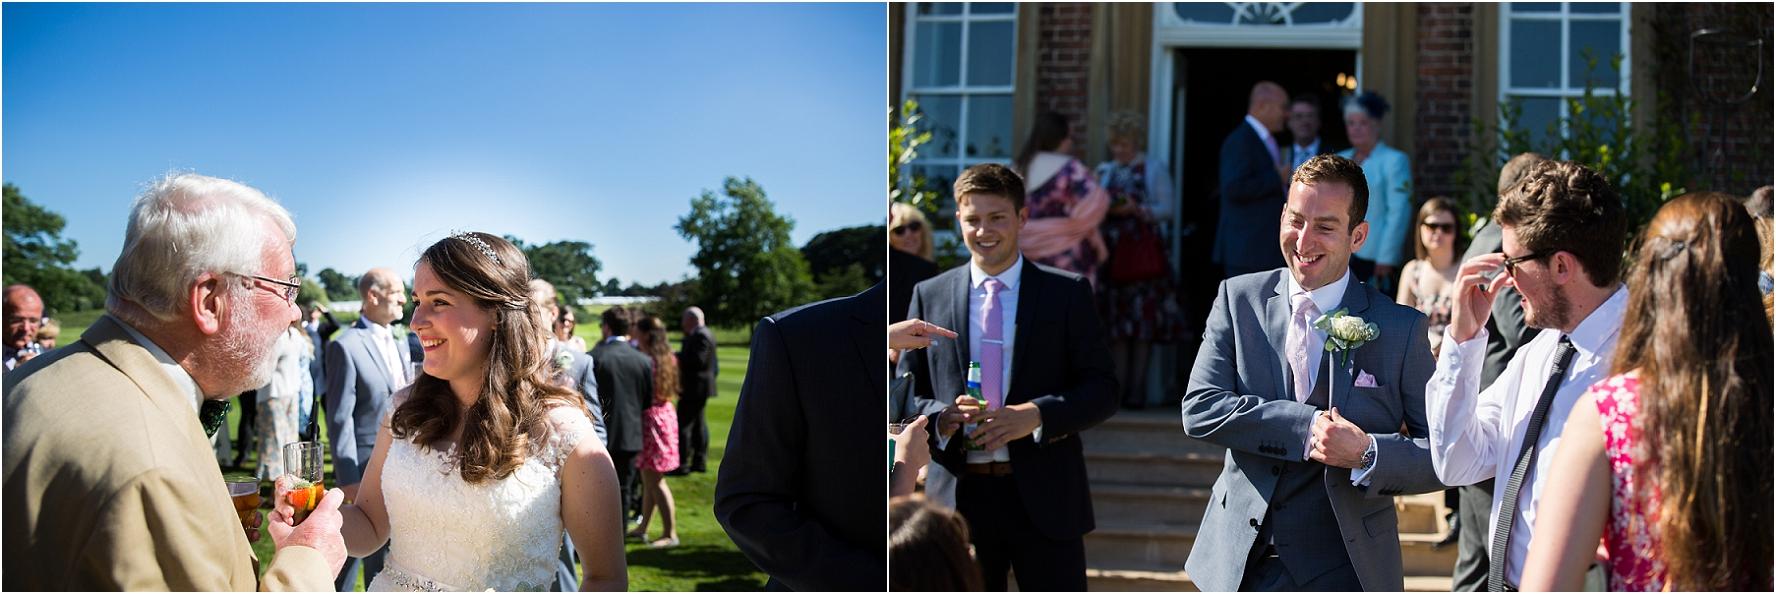 wedding-photography-norwood-park_0034